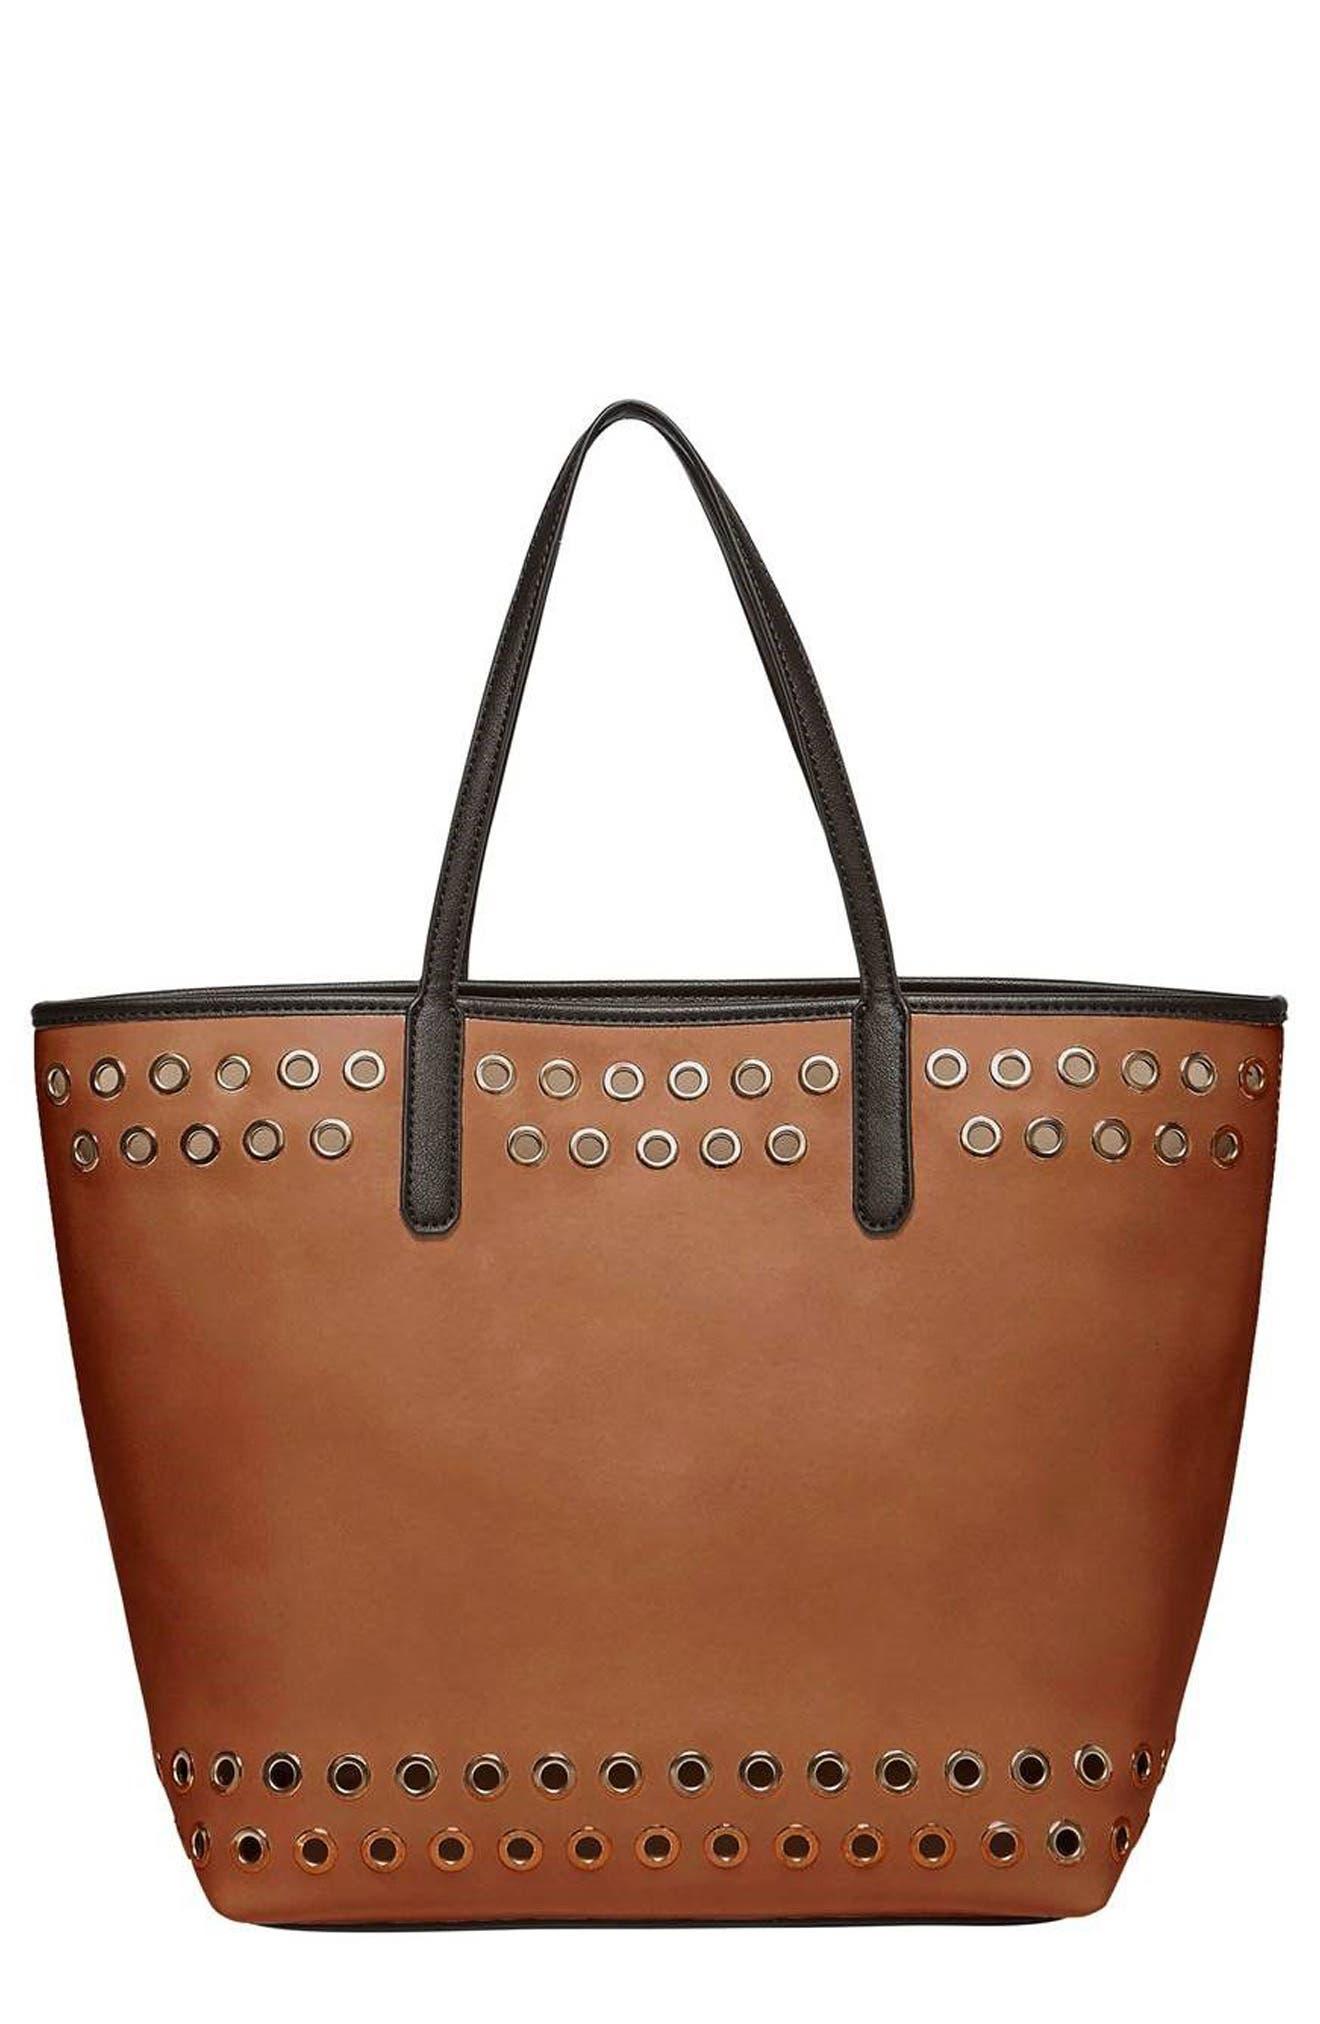 Urban Originals Wonderland Vegan Leather Tote & Shoulder Bag